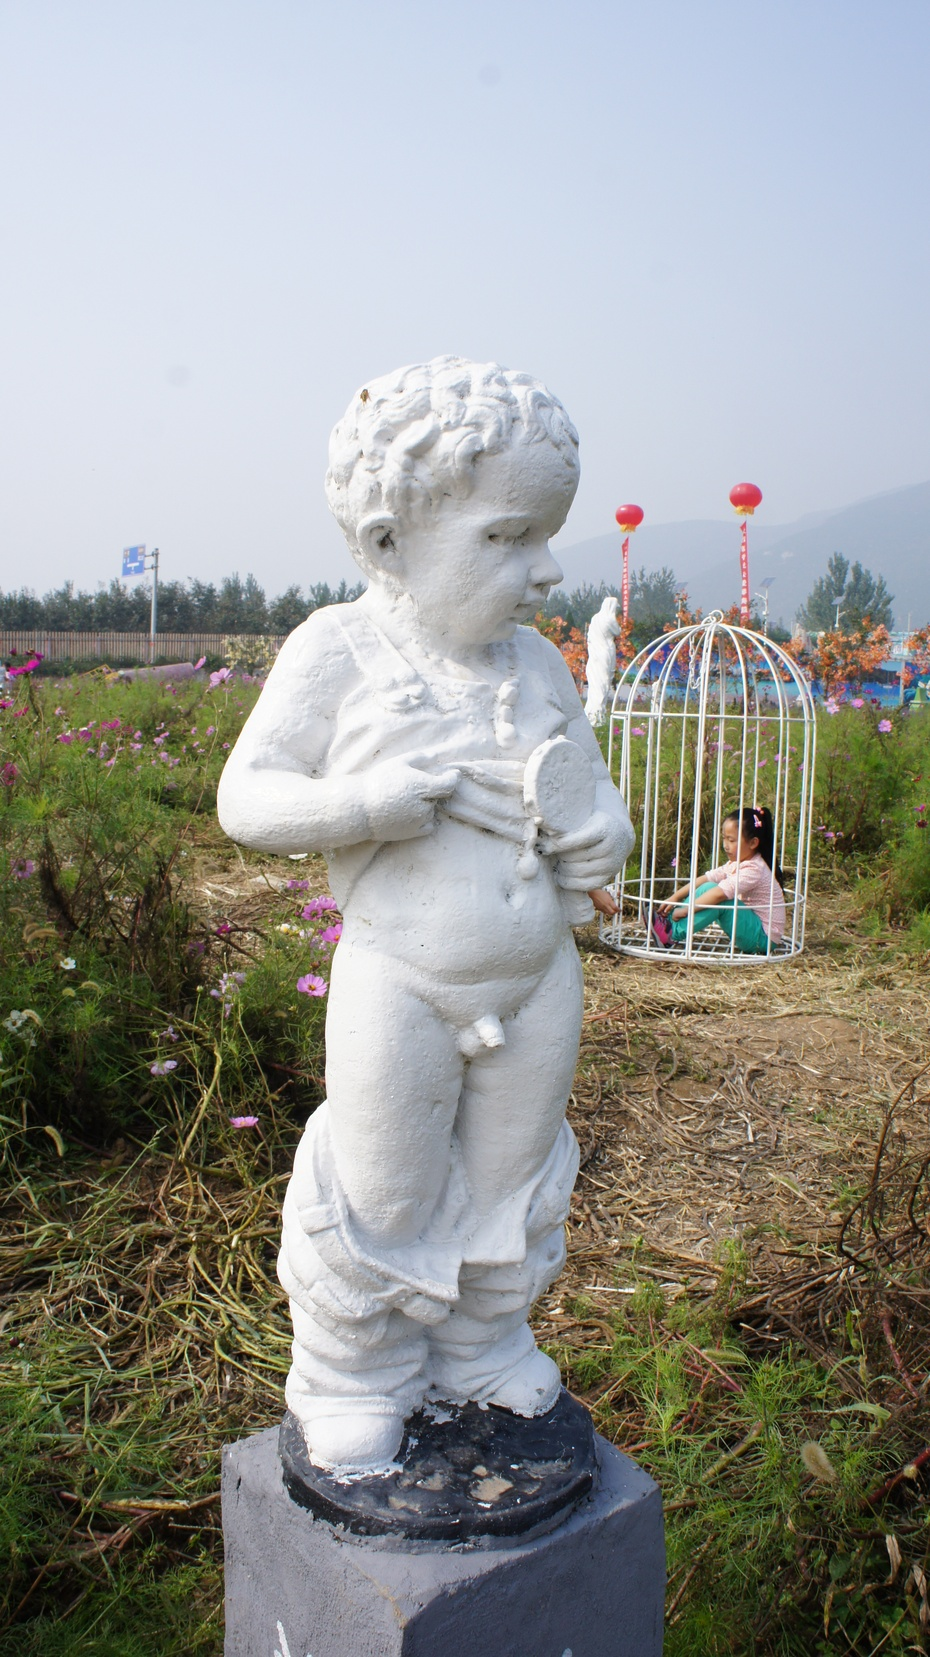 浪漫迷人的爱琴海熏衣草庄园 - 余昌国 - 我的博客